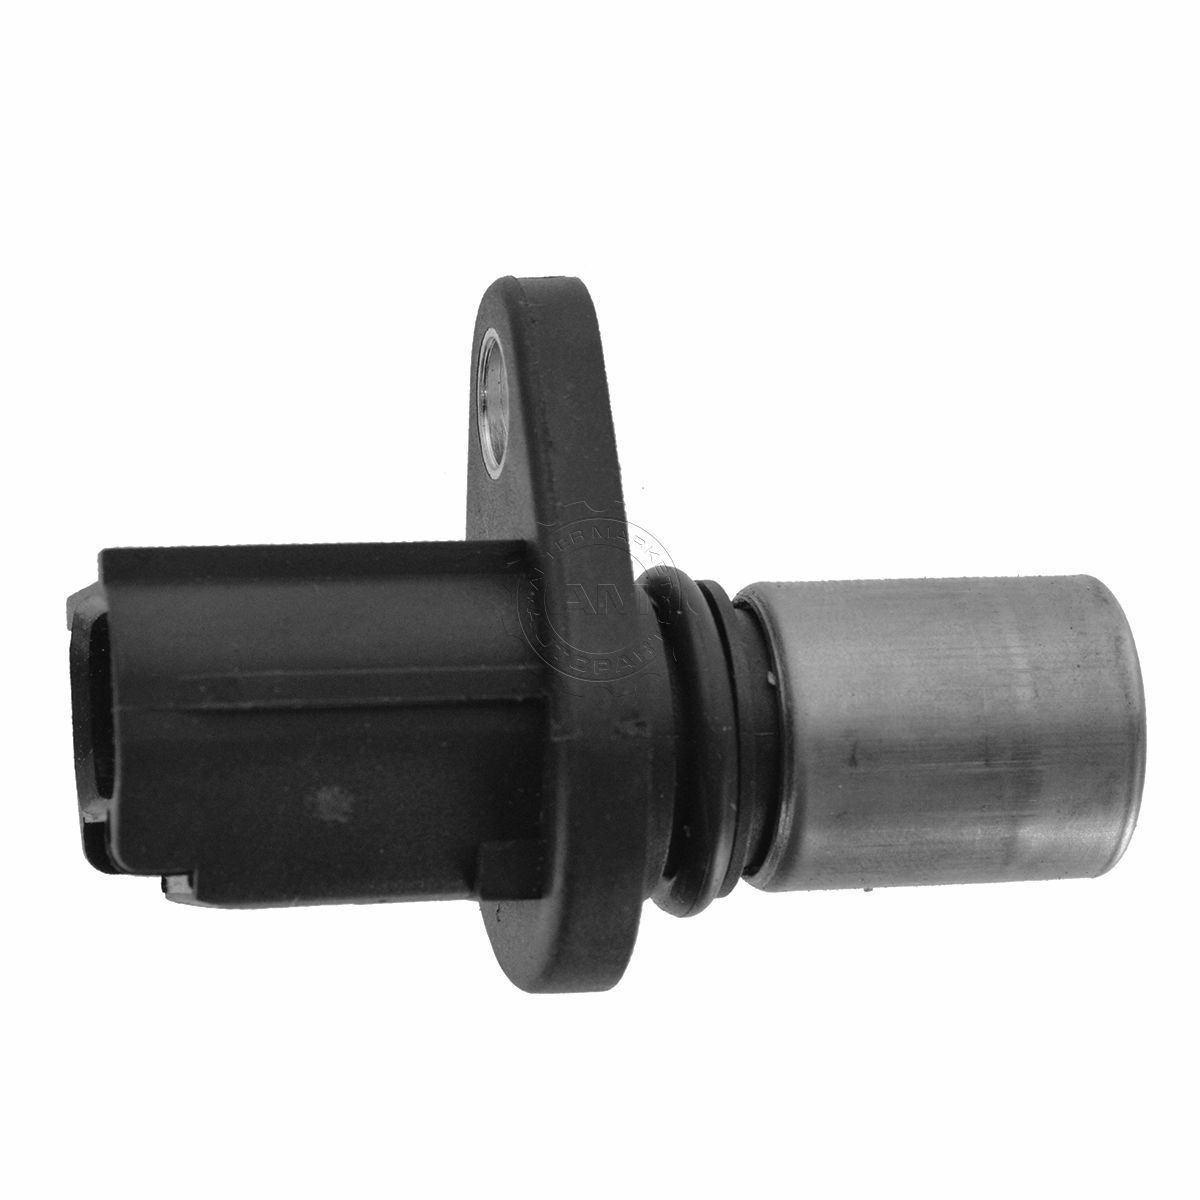 2011 Lexus Ct Camshaft: Camshaft Position Sensor For Chevy Lexus Toyota Scion 1.8L